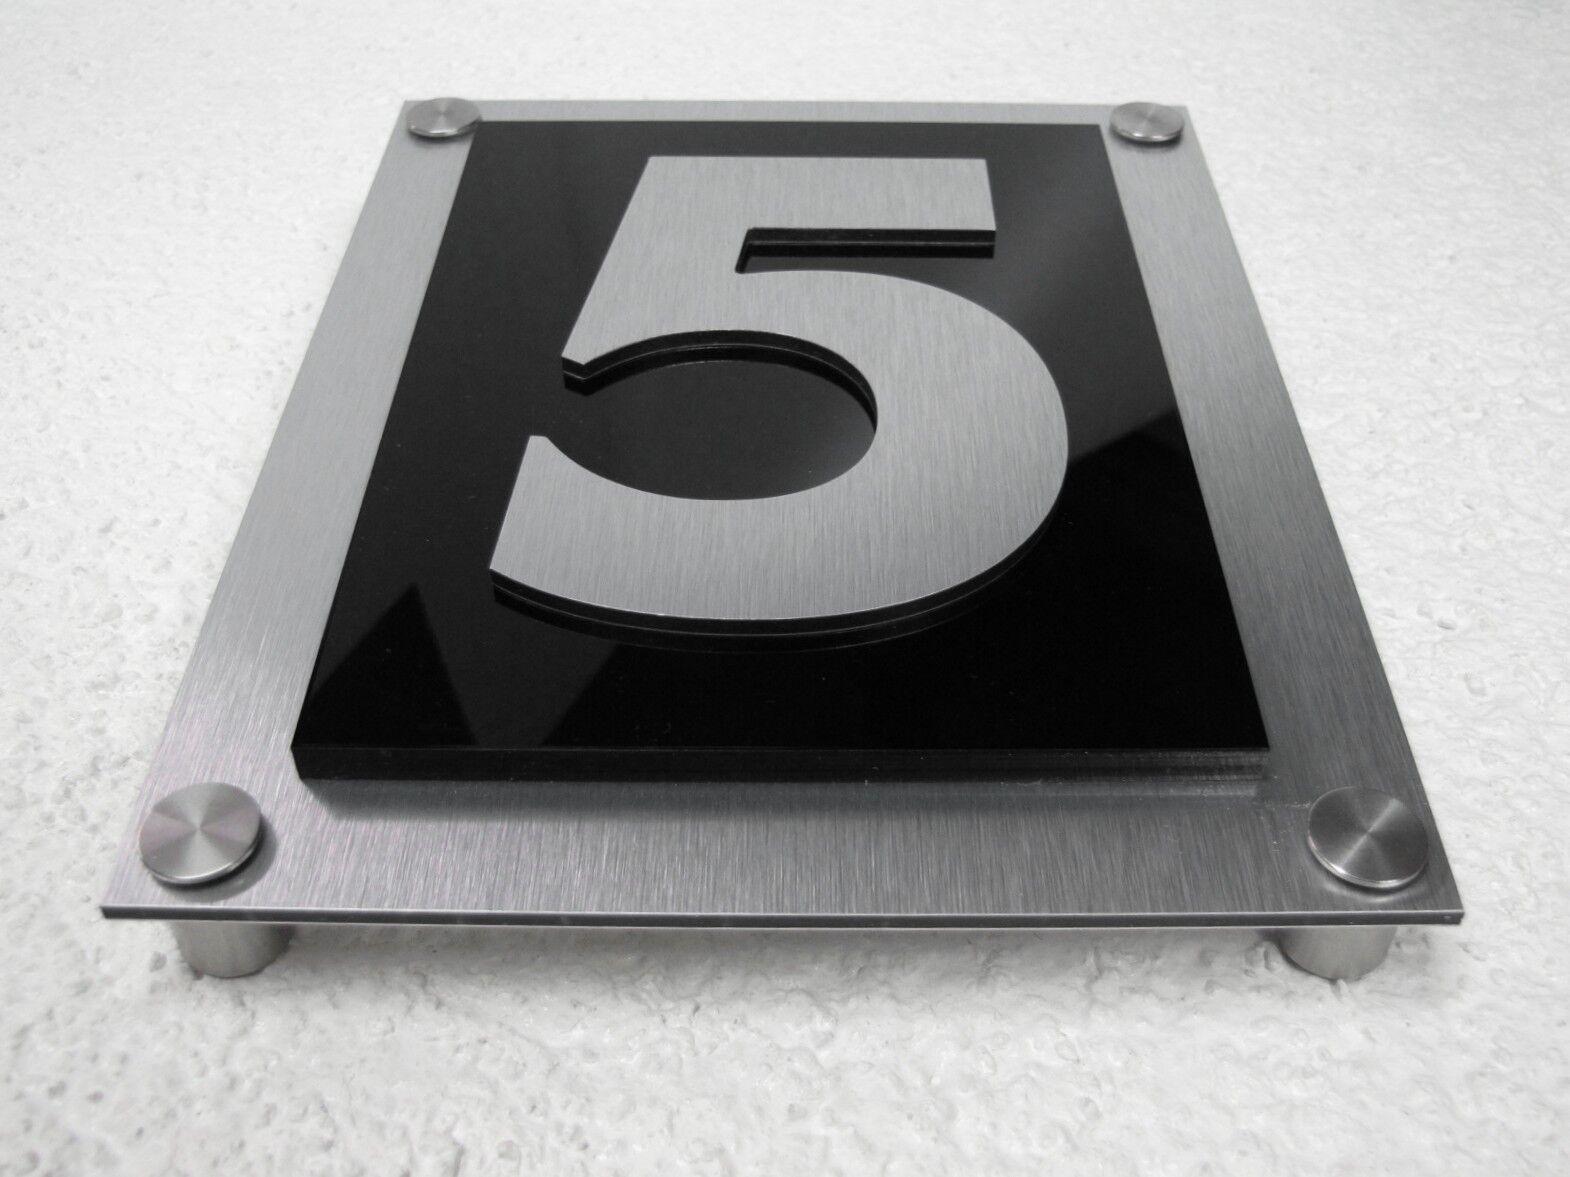 Hausnummer in Edelstahloptik mit 6 mm Plexiglas und einer Zahl 1 2 3 4 5 6 7 8 9